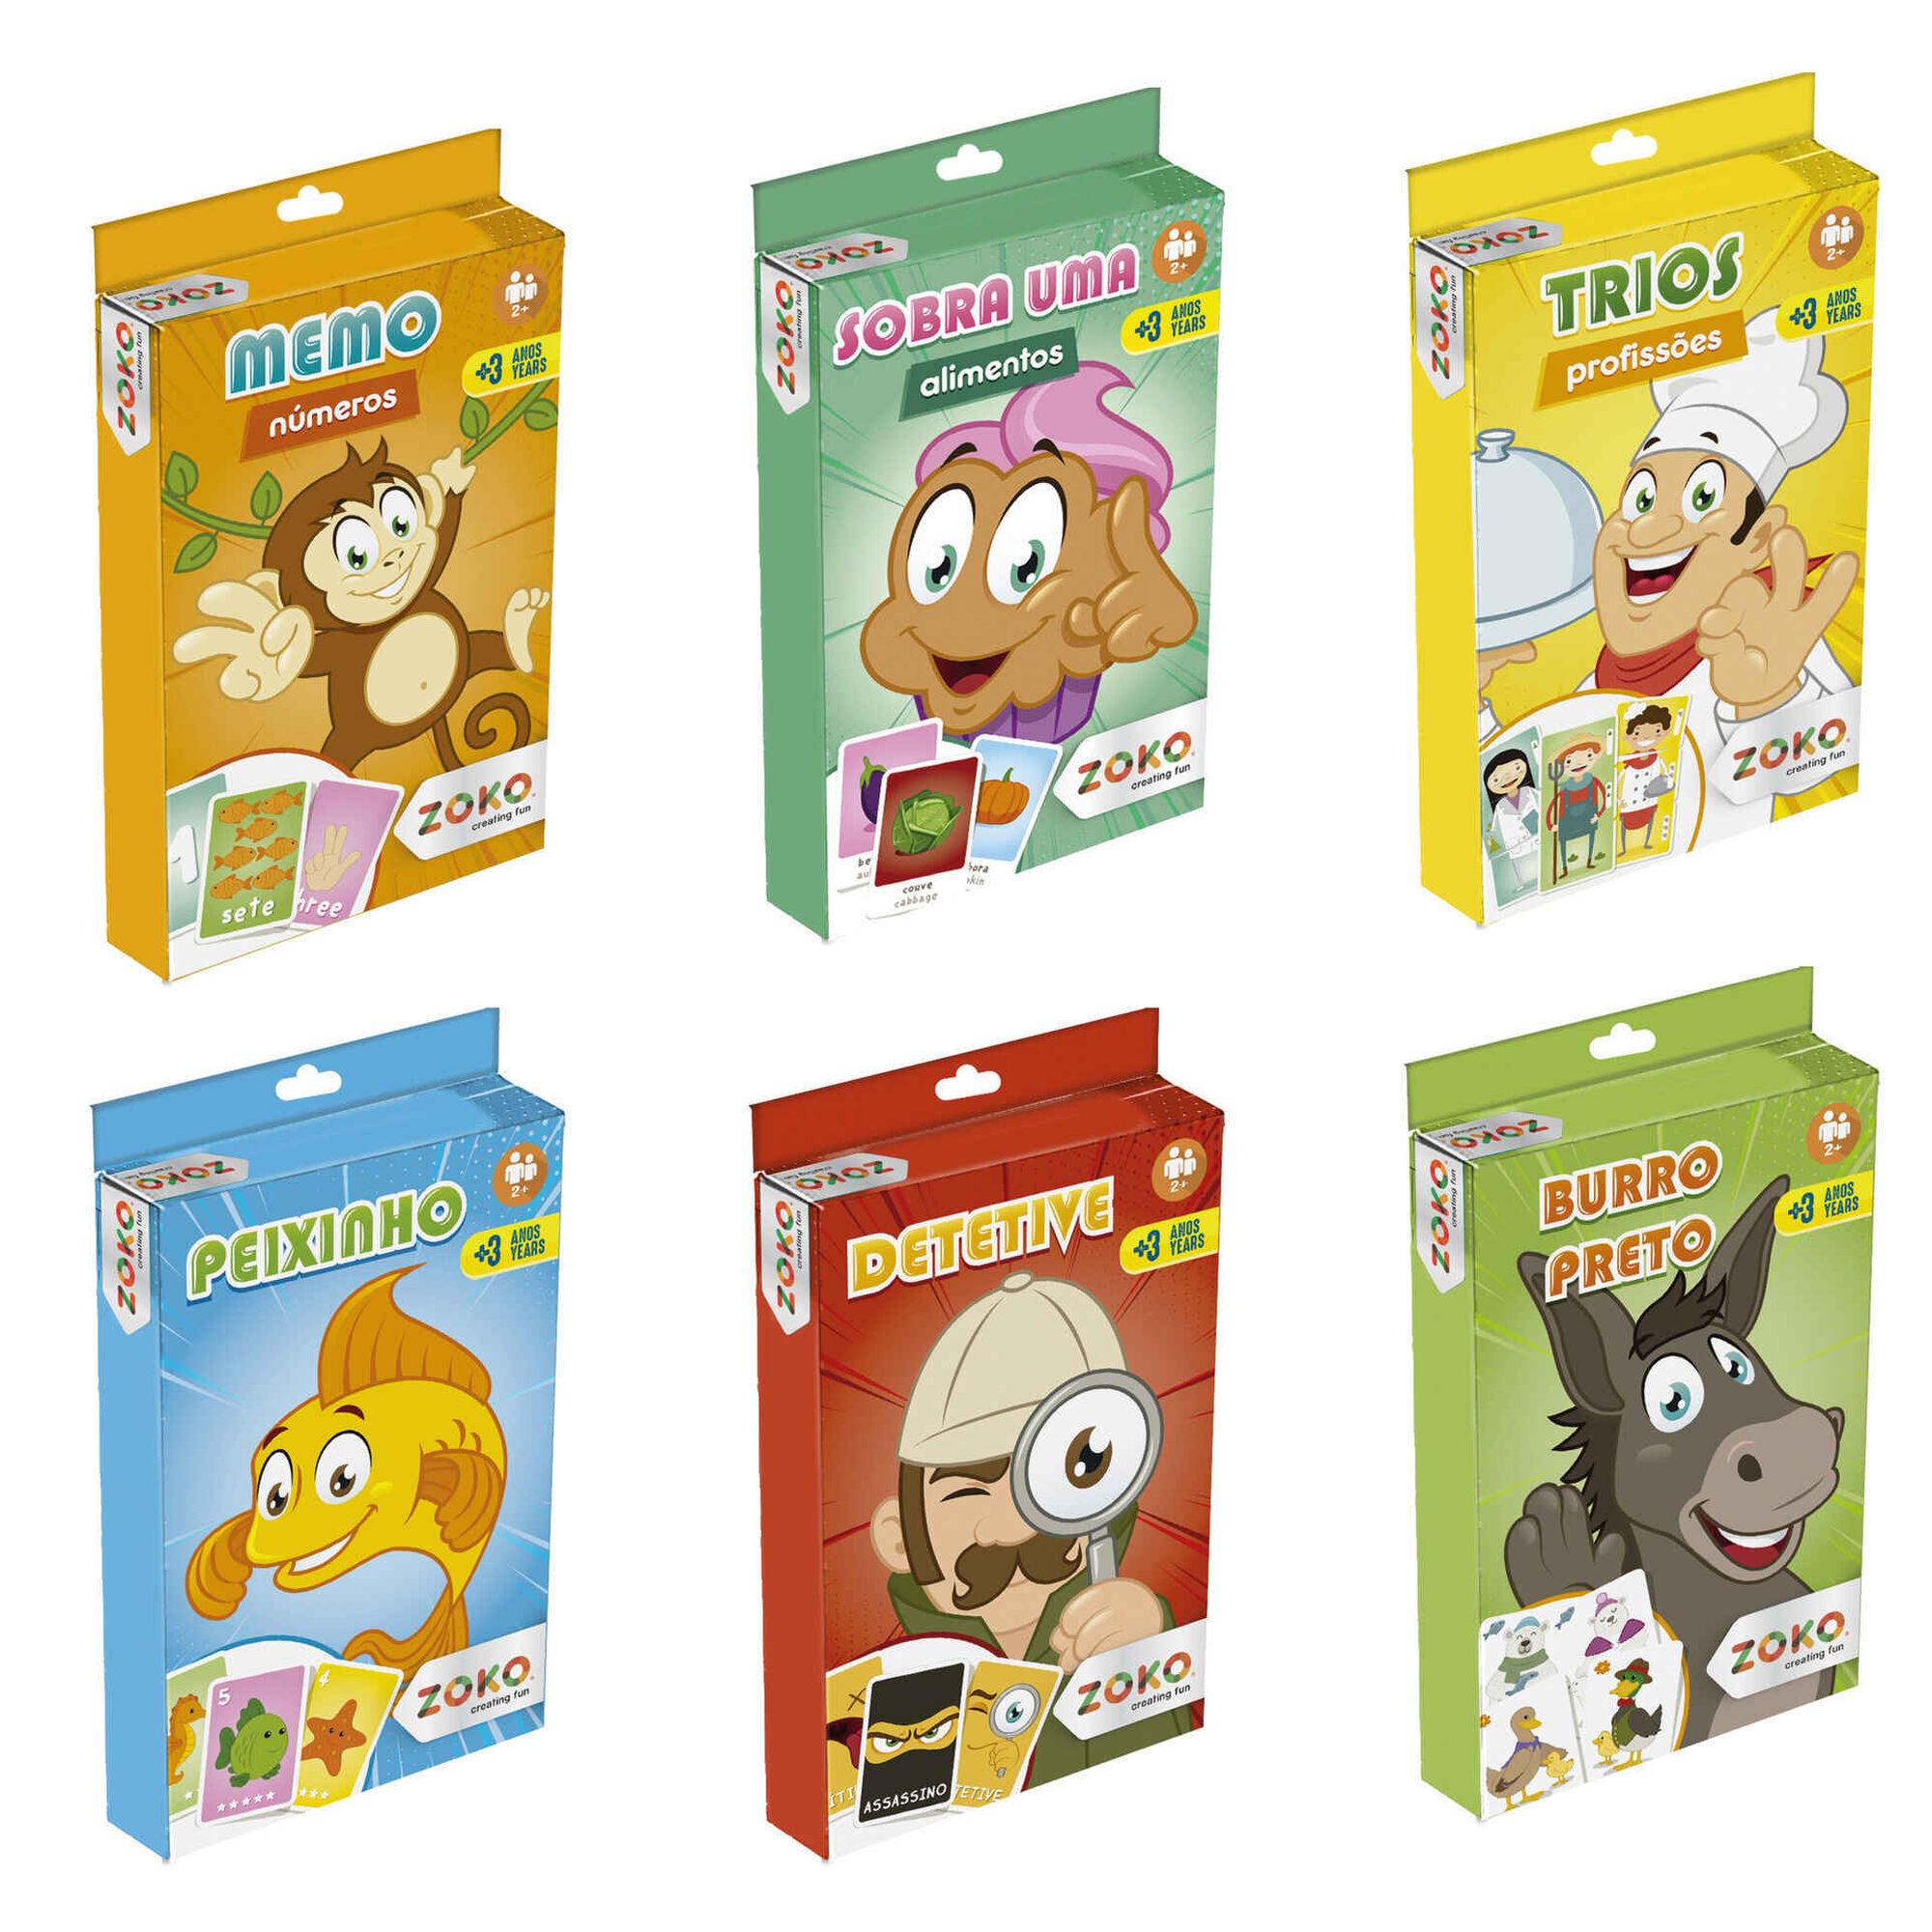 Cartas Infantis (vários modelos)